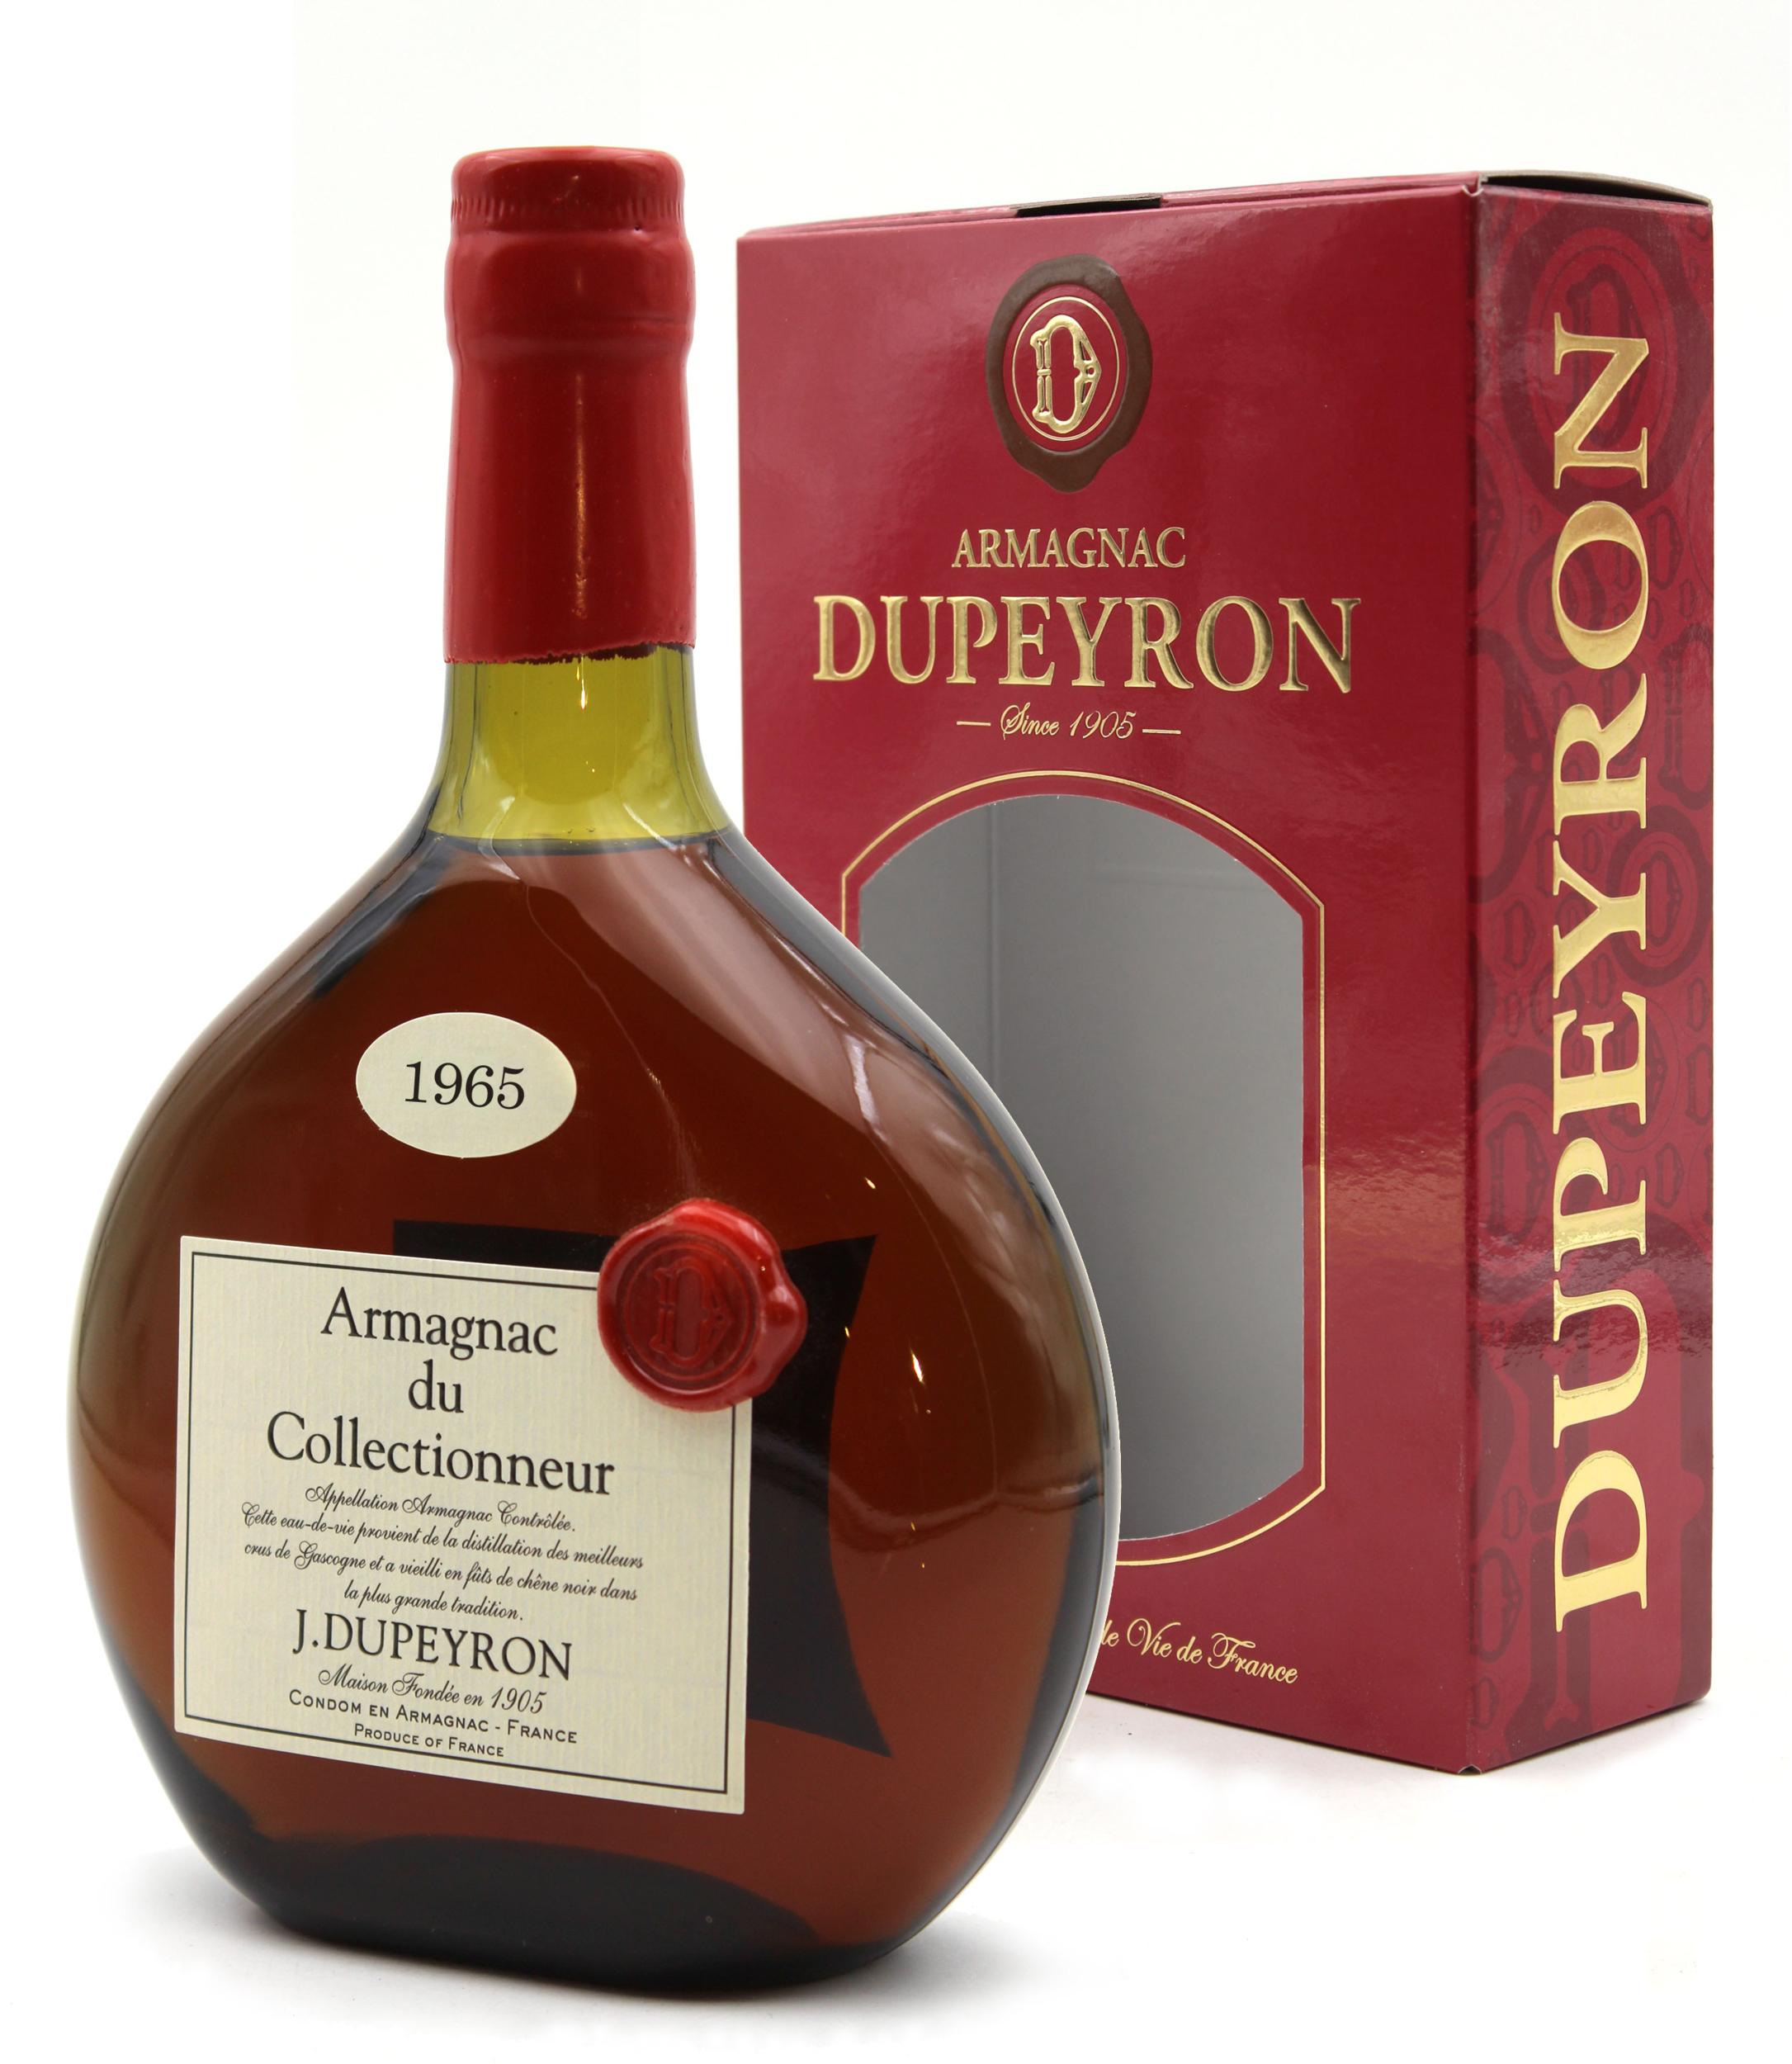 Armagnac Ryst Dupeyron 1965 - 70cl